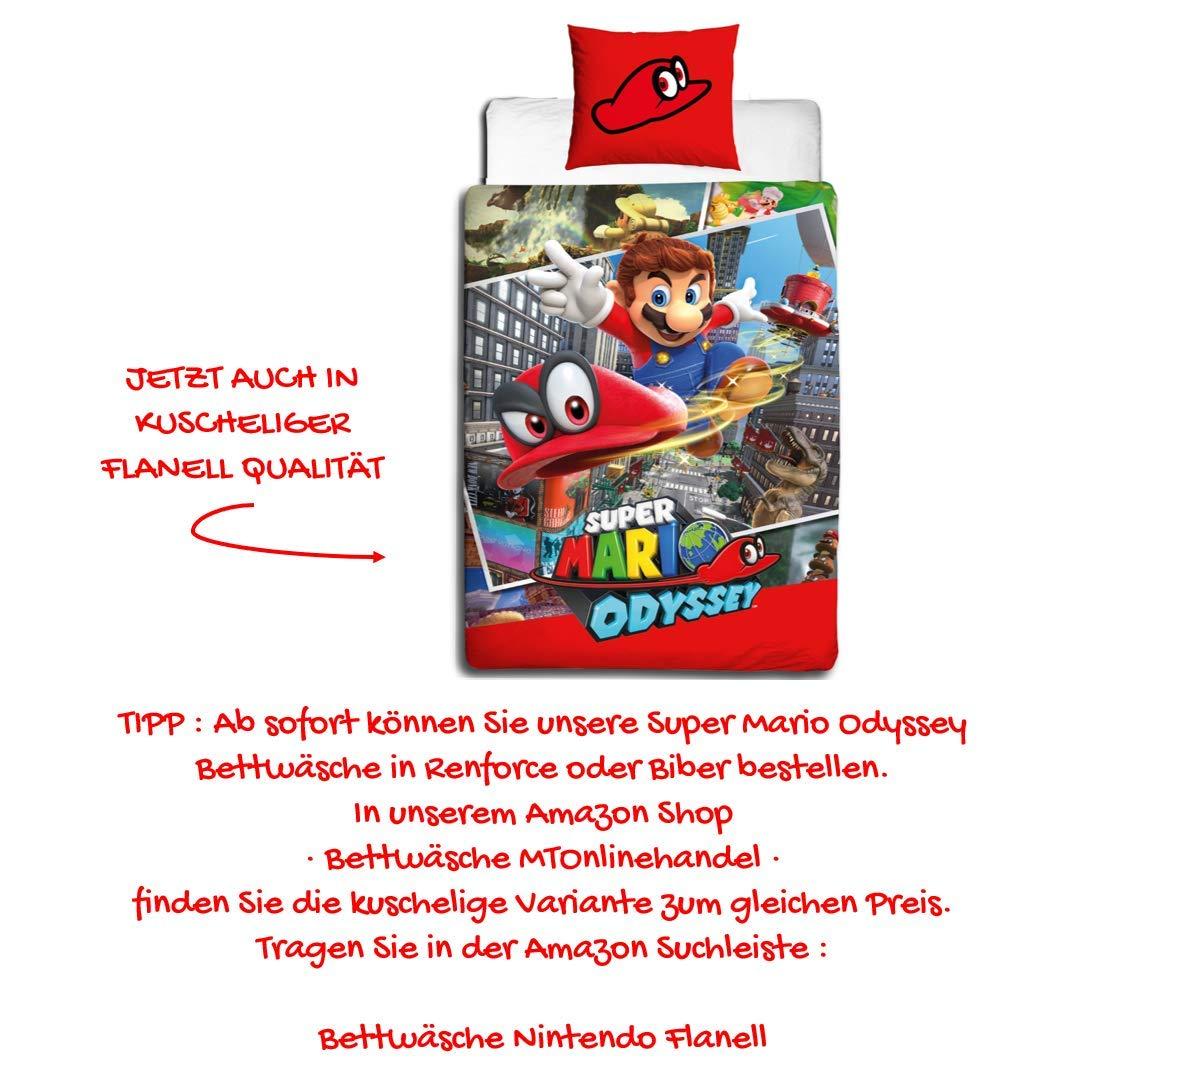 Nintendo Kinder Bettwäsche Super Mario Odyssey Wende Motiv